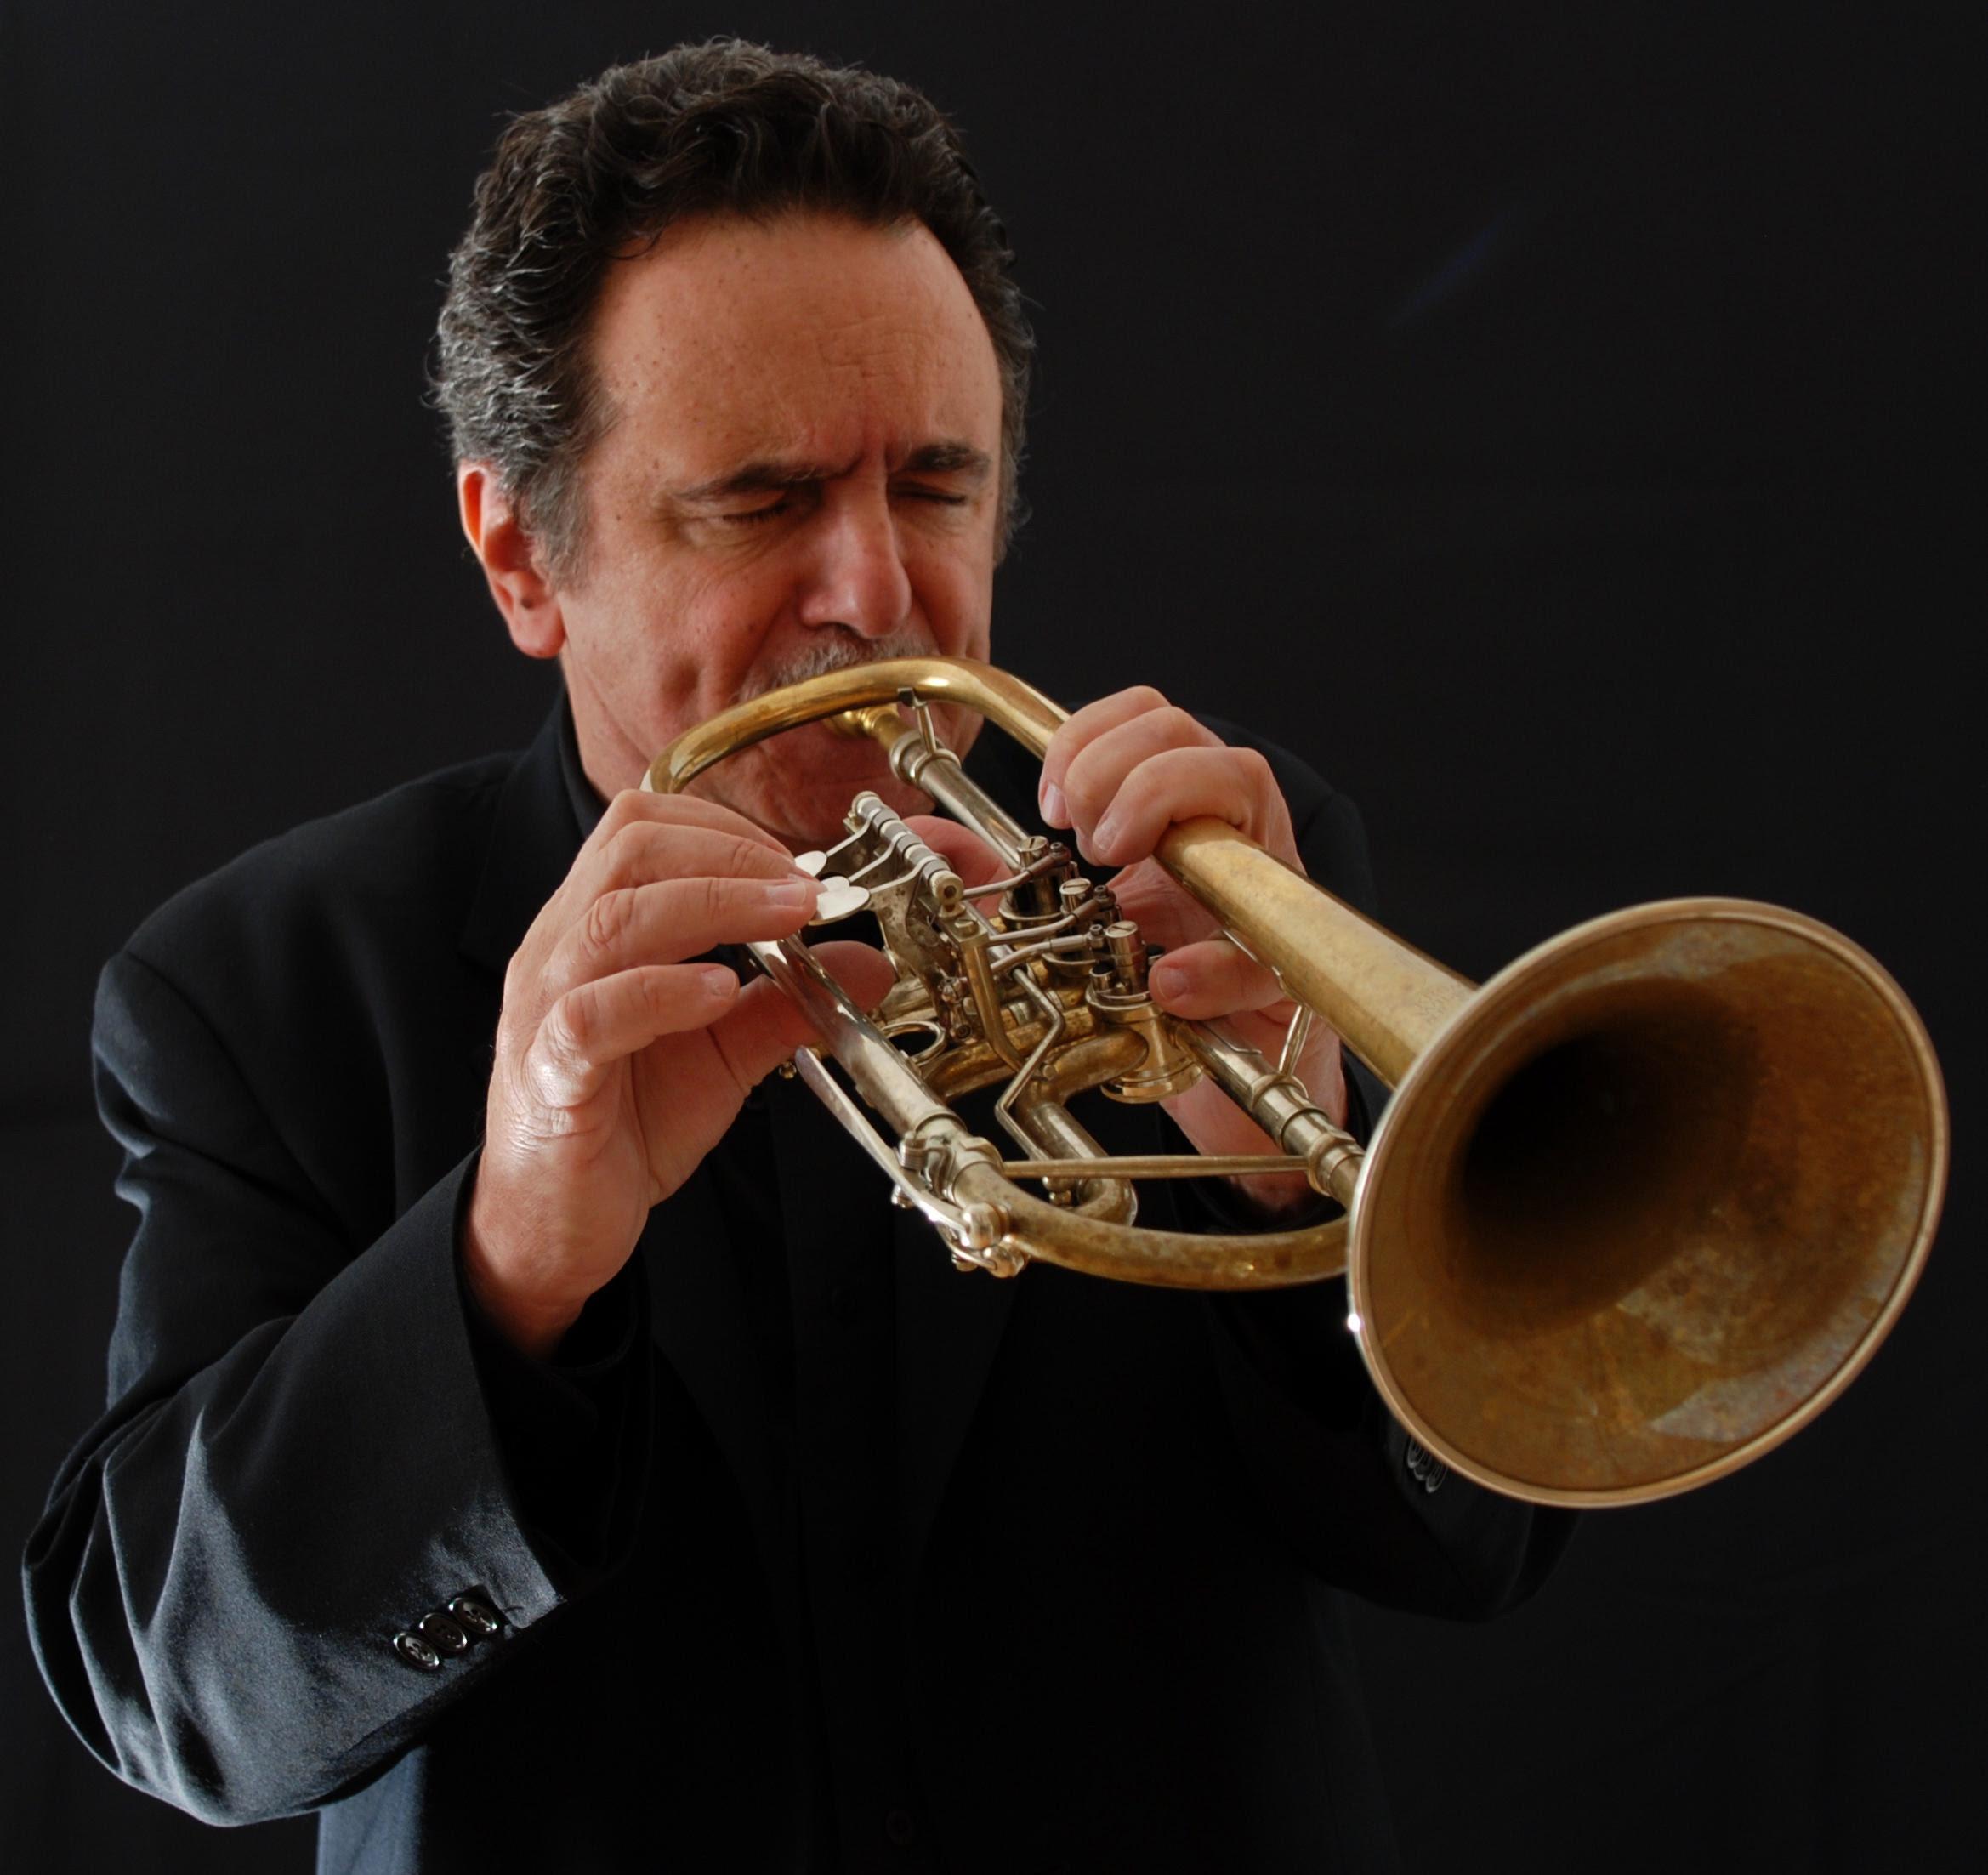 RCJBS presents Claudio Roditi at Union Arts Center